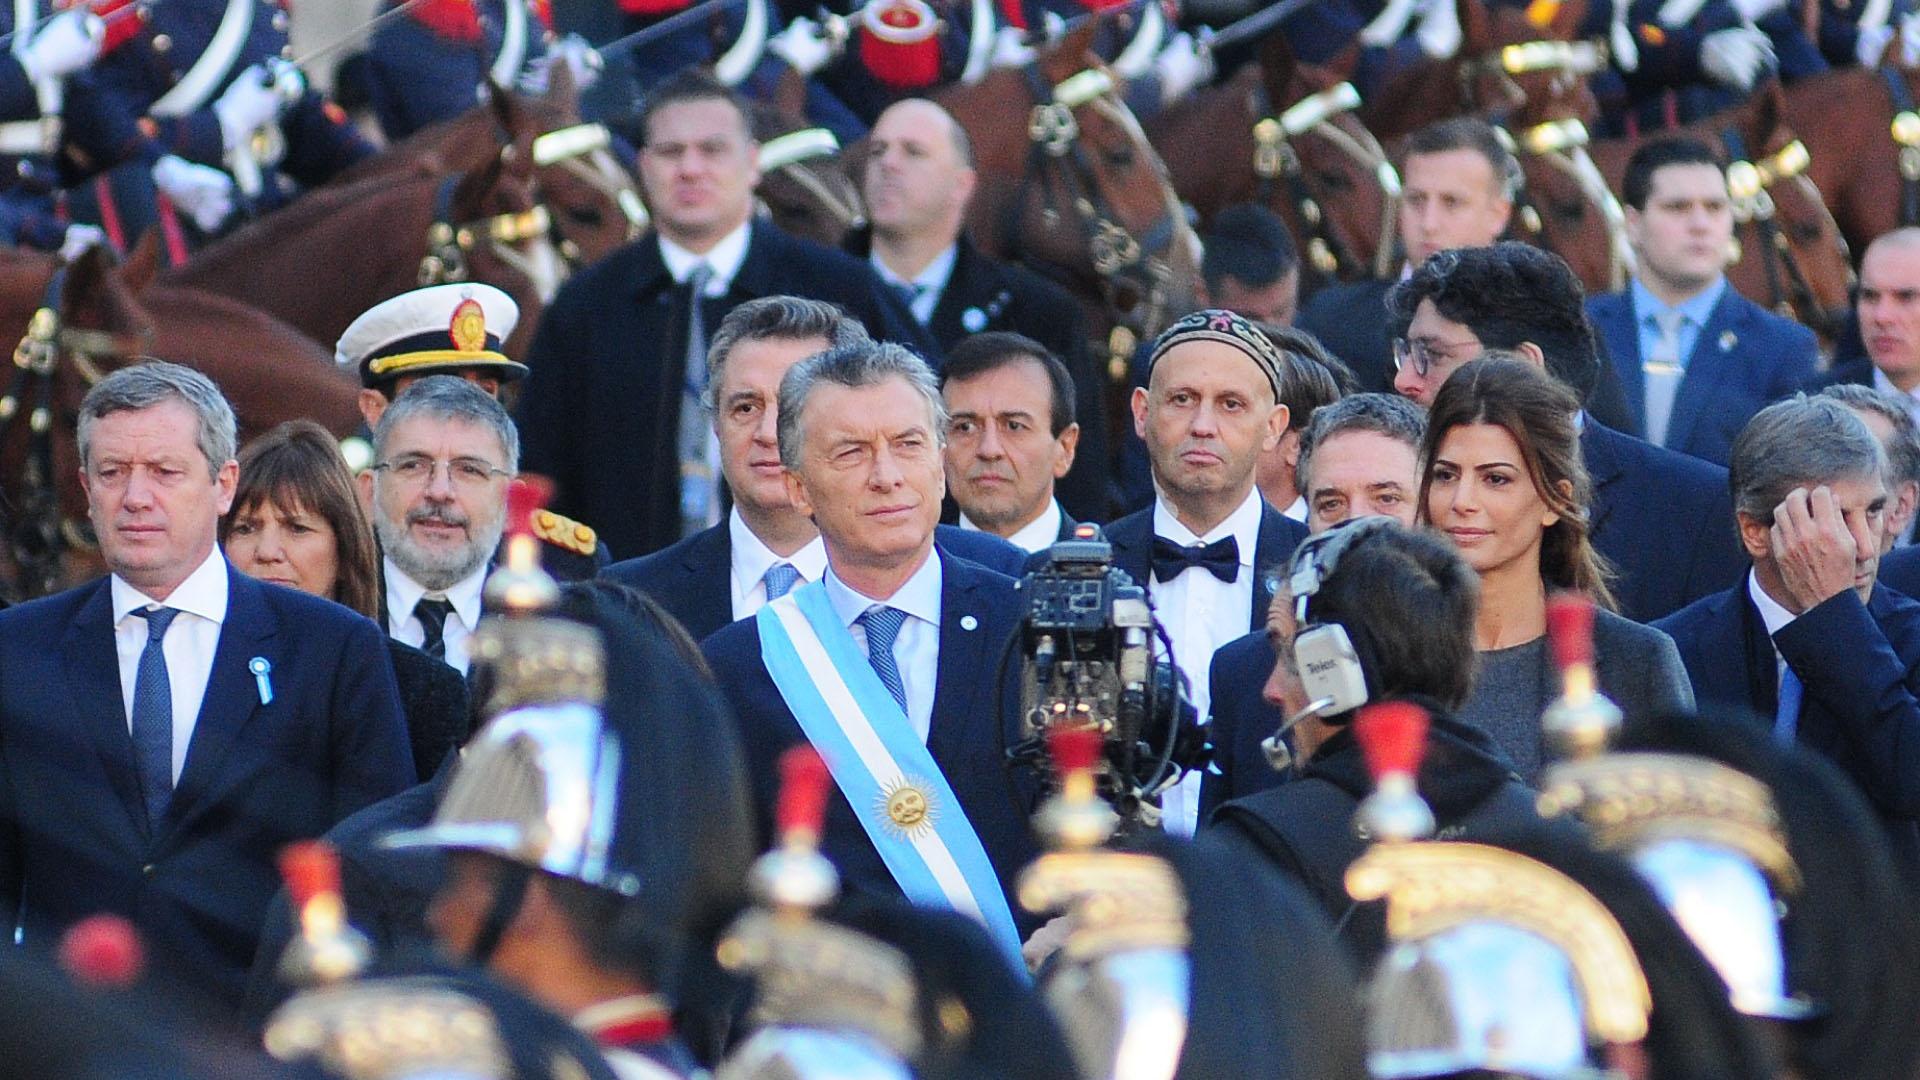 Macri acompañado del diputado Emilio Monzó y el ministro de Ambiente Sergio Bergman